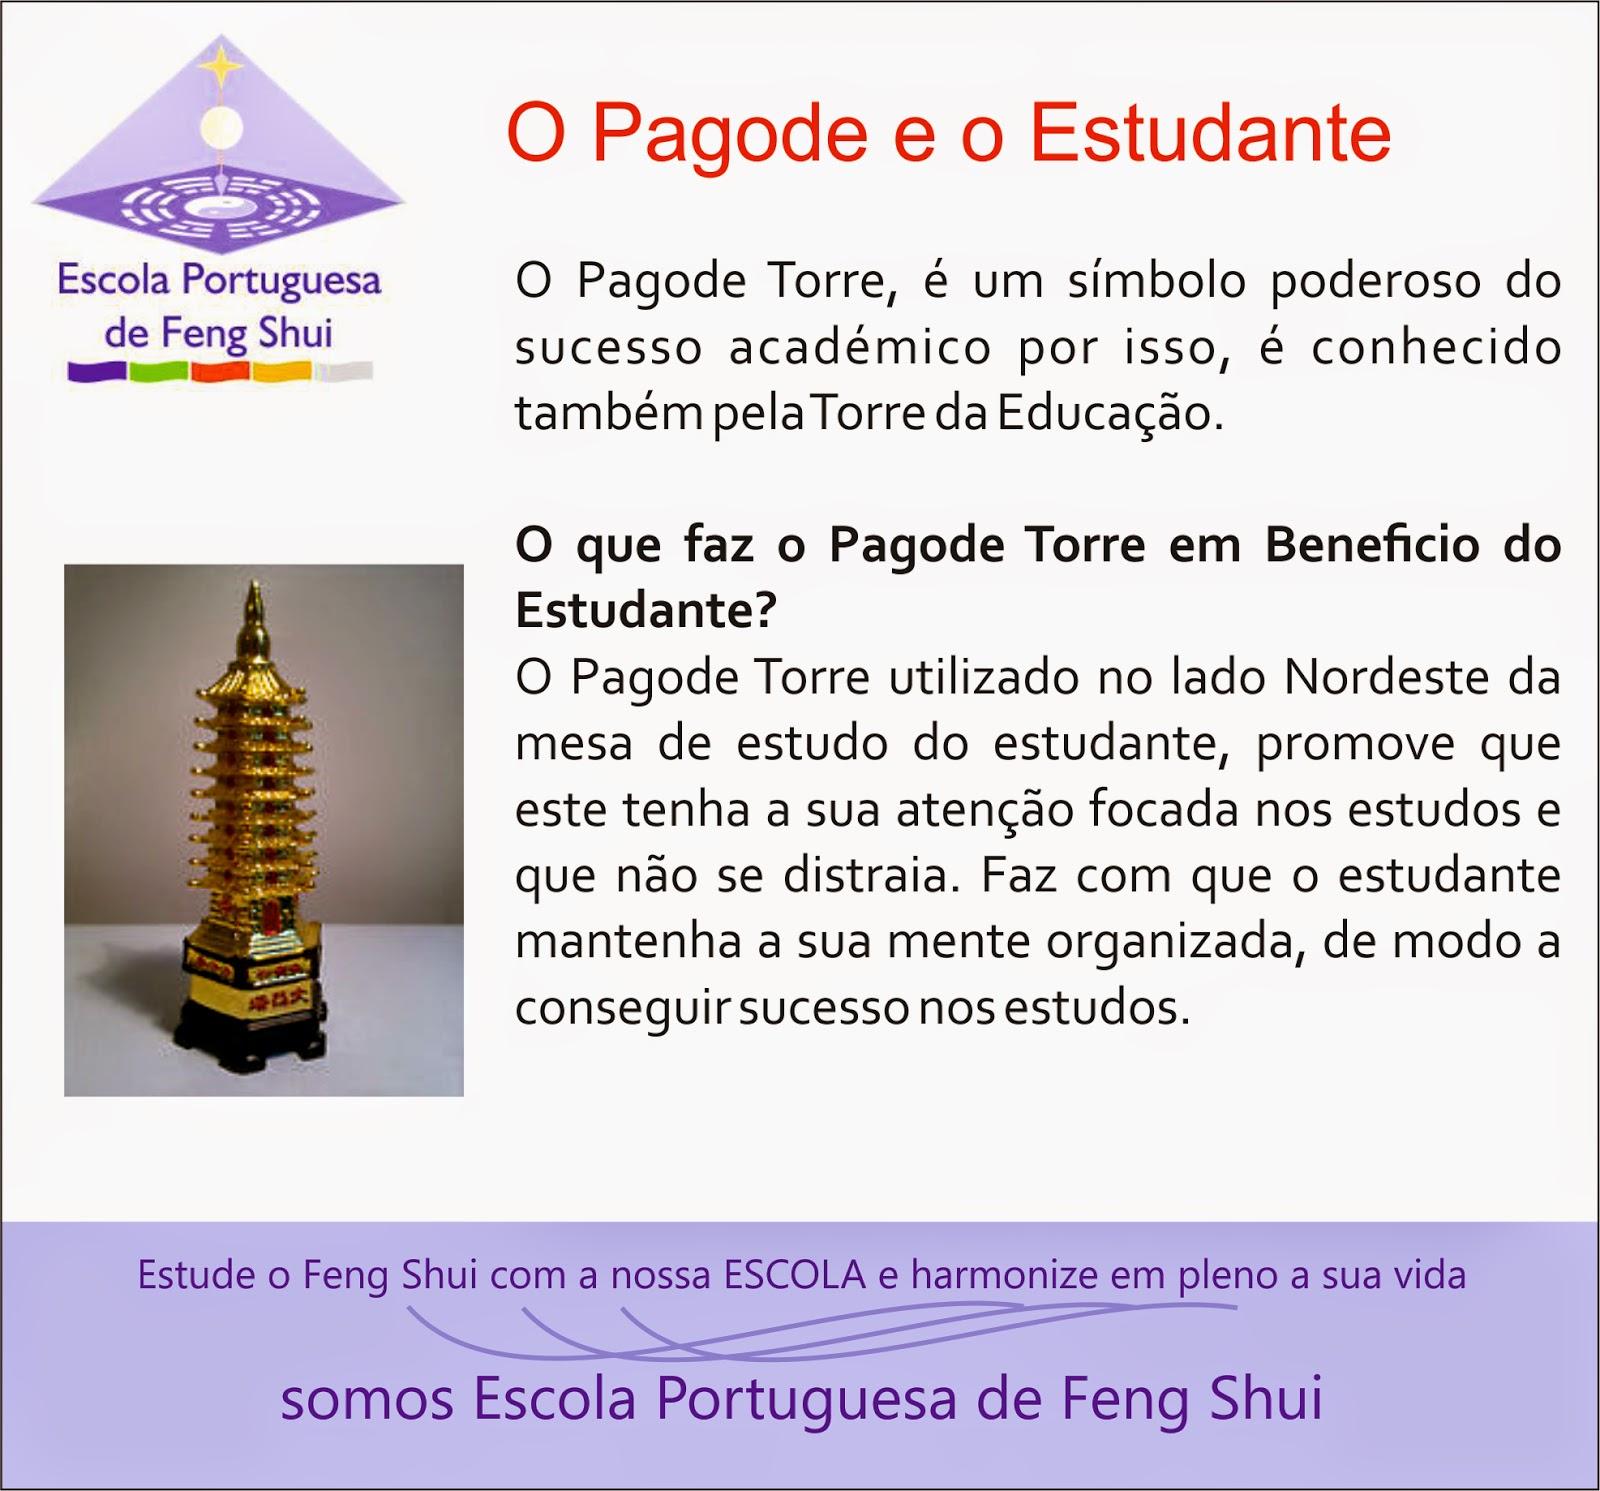 PAGODE E O CINCO AMARELO #BB2210 1600x1491 Banheiro Amarelo Feng Shui